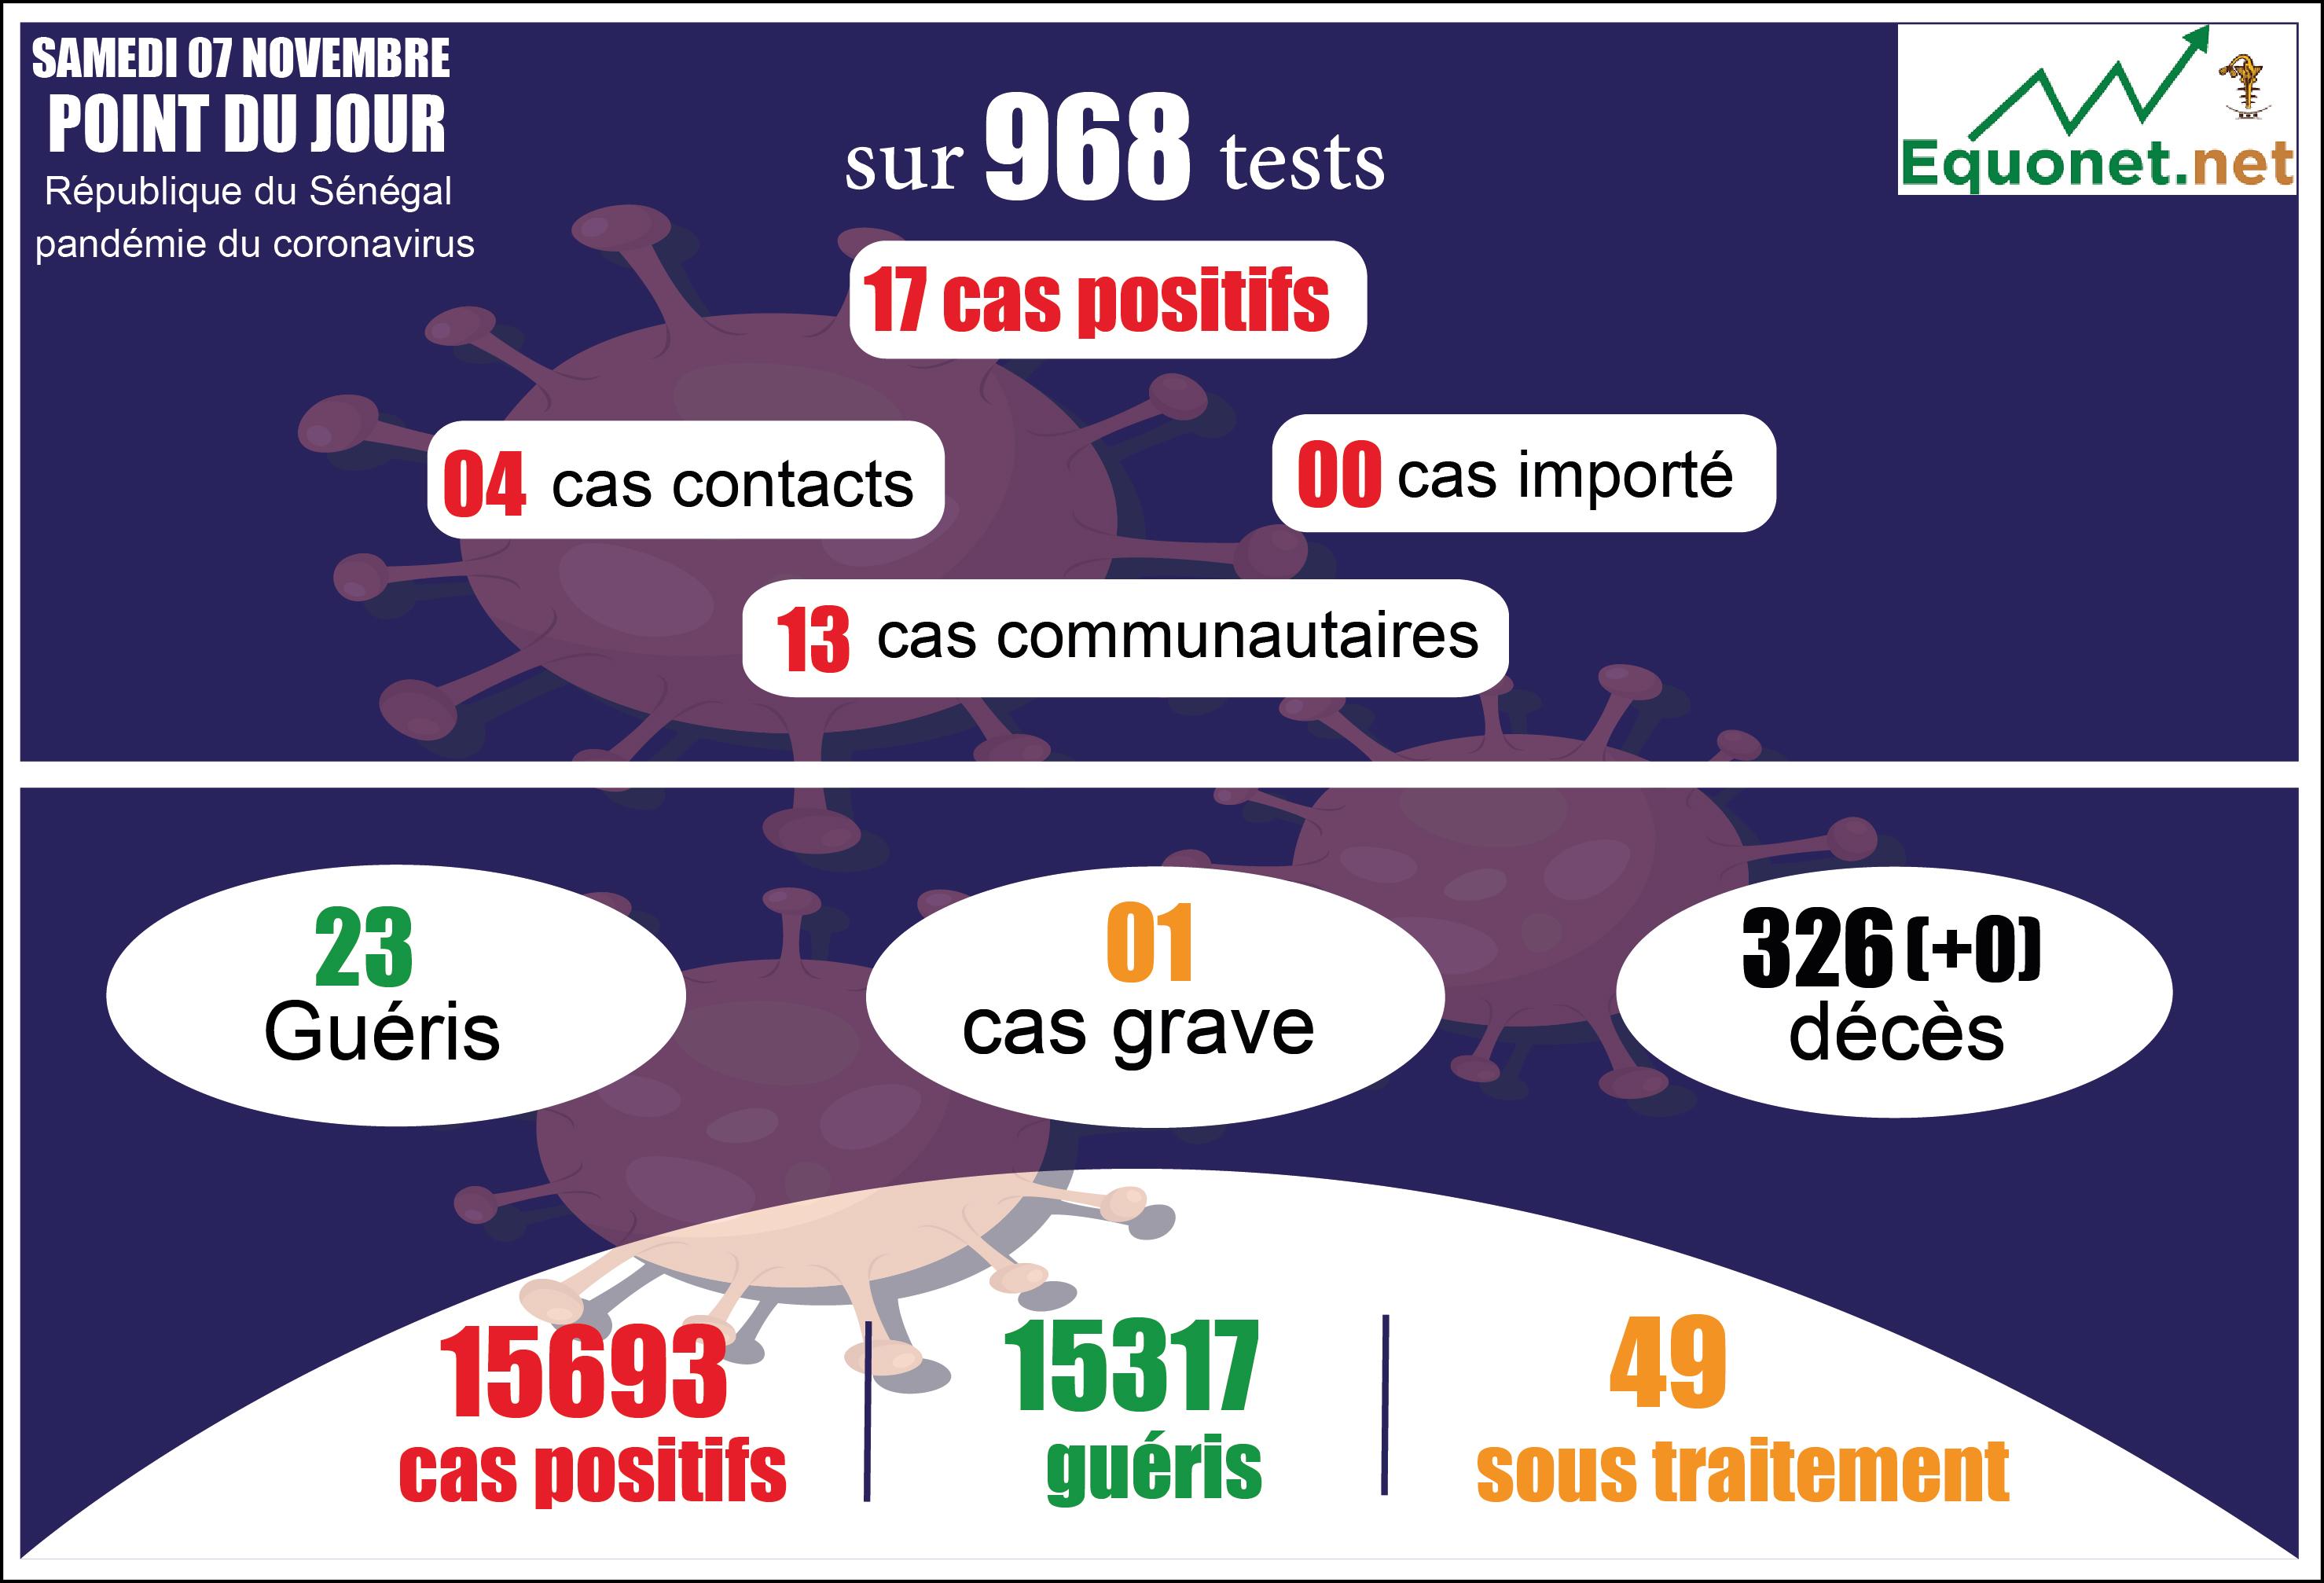 pandémie du coronavirus-covid-19 au sénégal : point de situation du samedi 7 novembre 2020